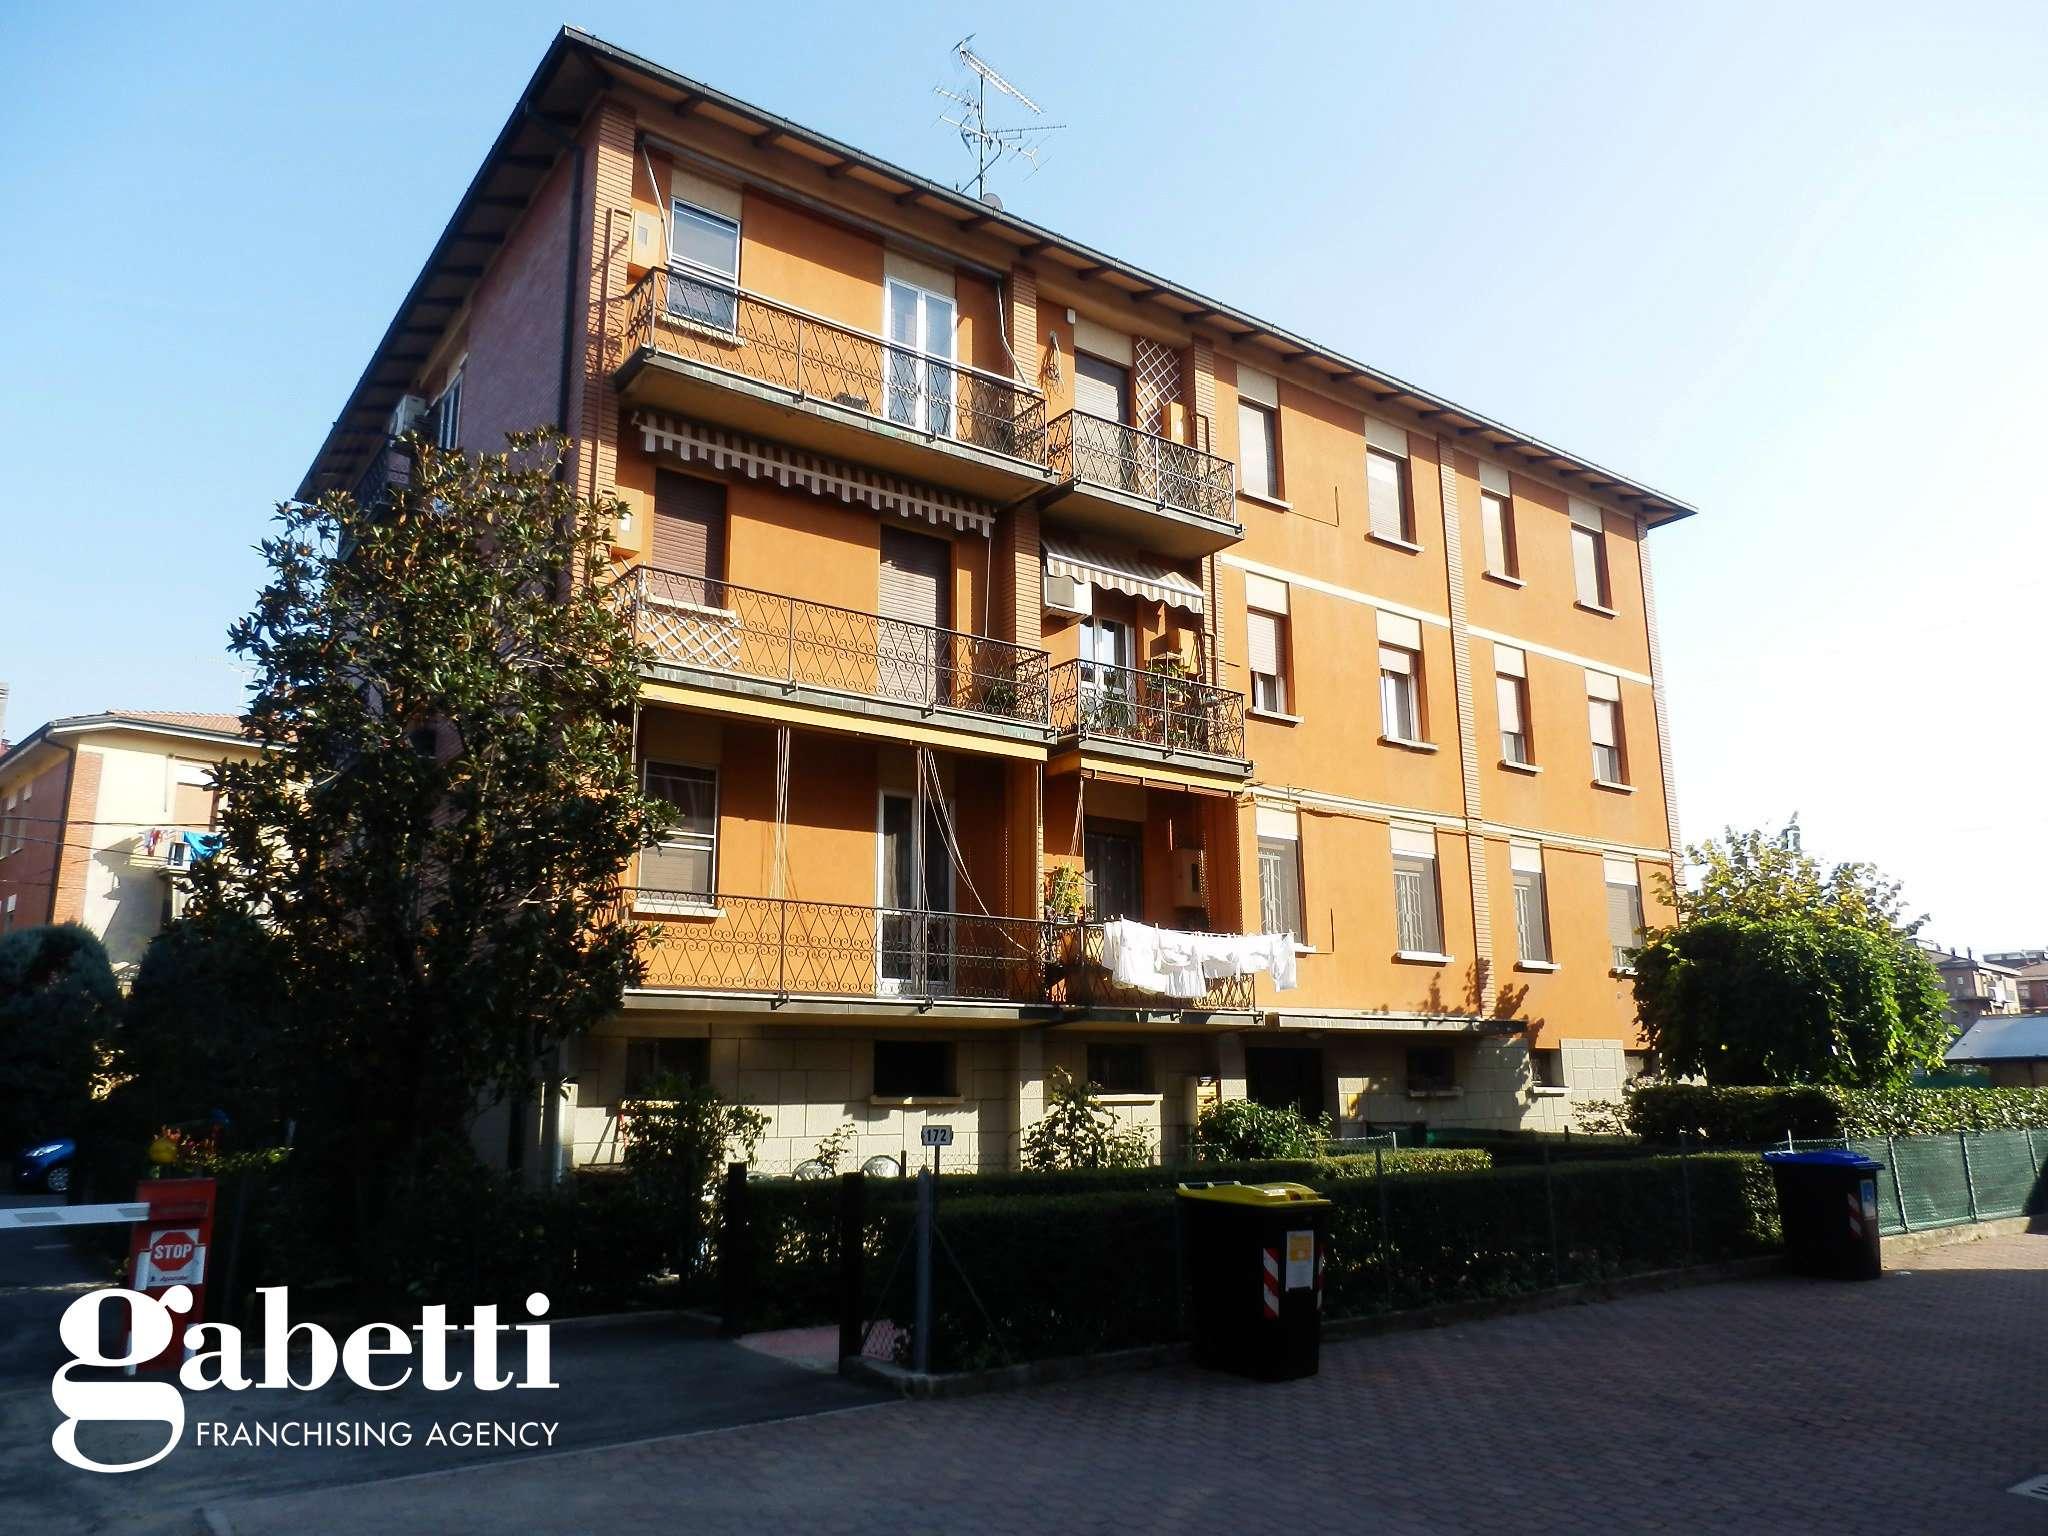 Appartamento in vendita a Argelato, 3 locali, prezzo € 115.000 | CambioCasa.it